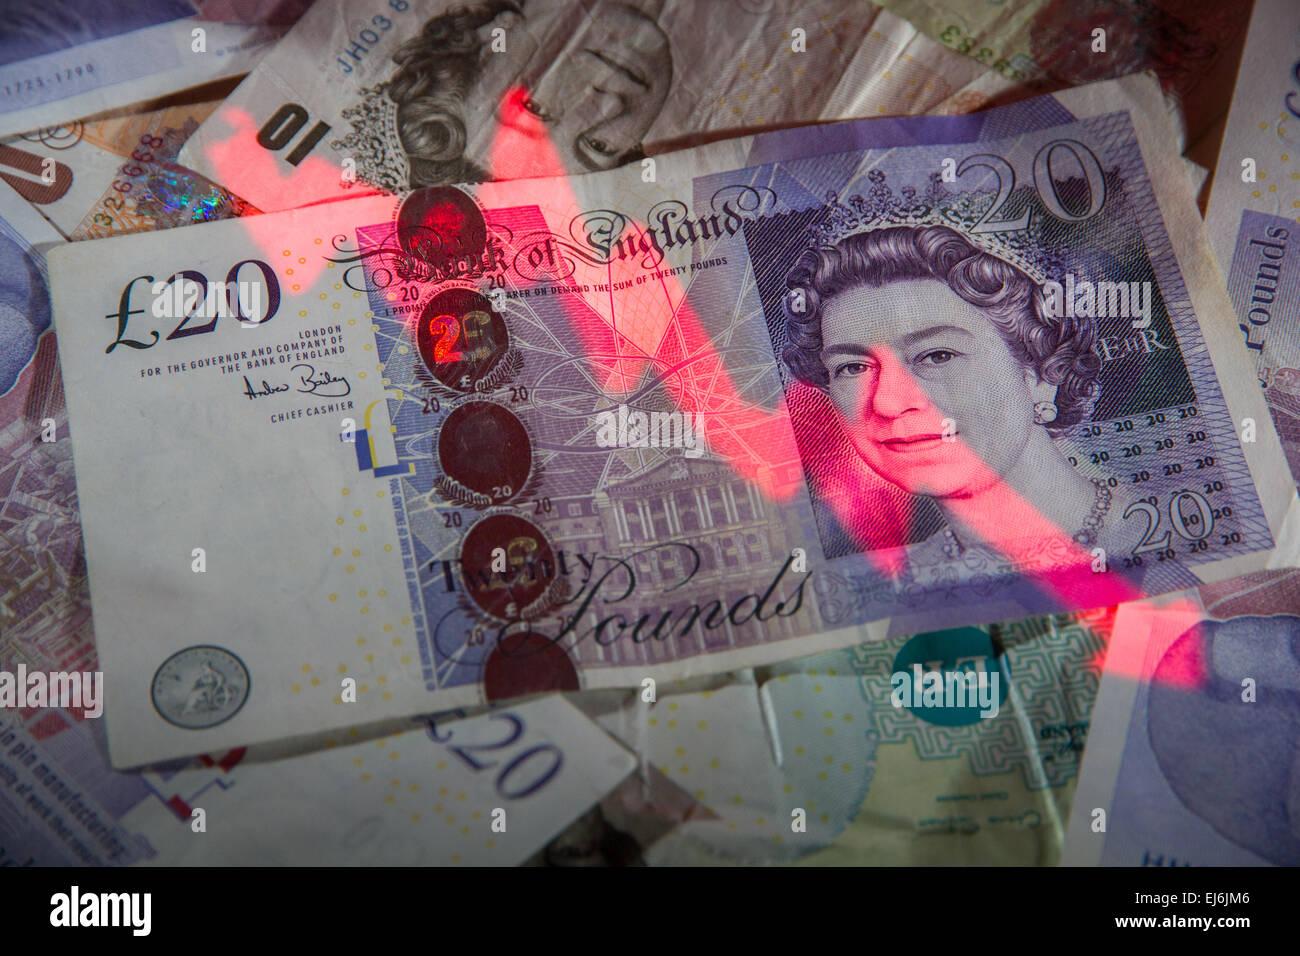 """Eine Negative """"Stock Market Graph"""" auf einen Haufen von britische Banknoten projiziert. Stockbild"""